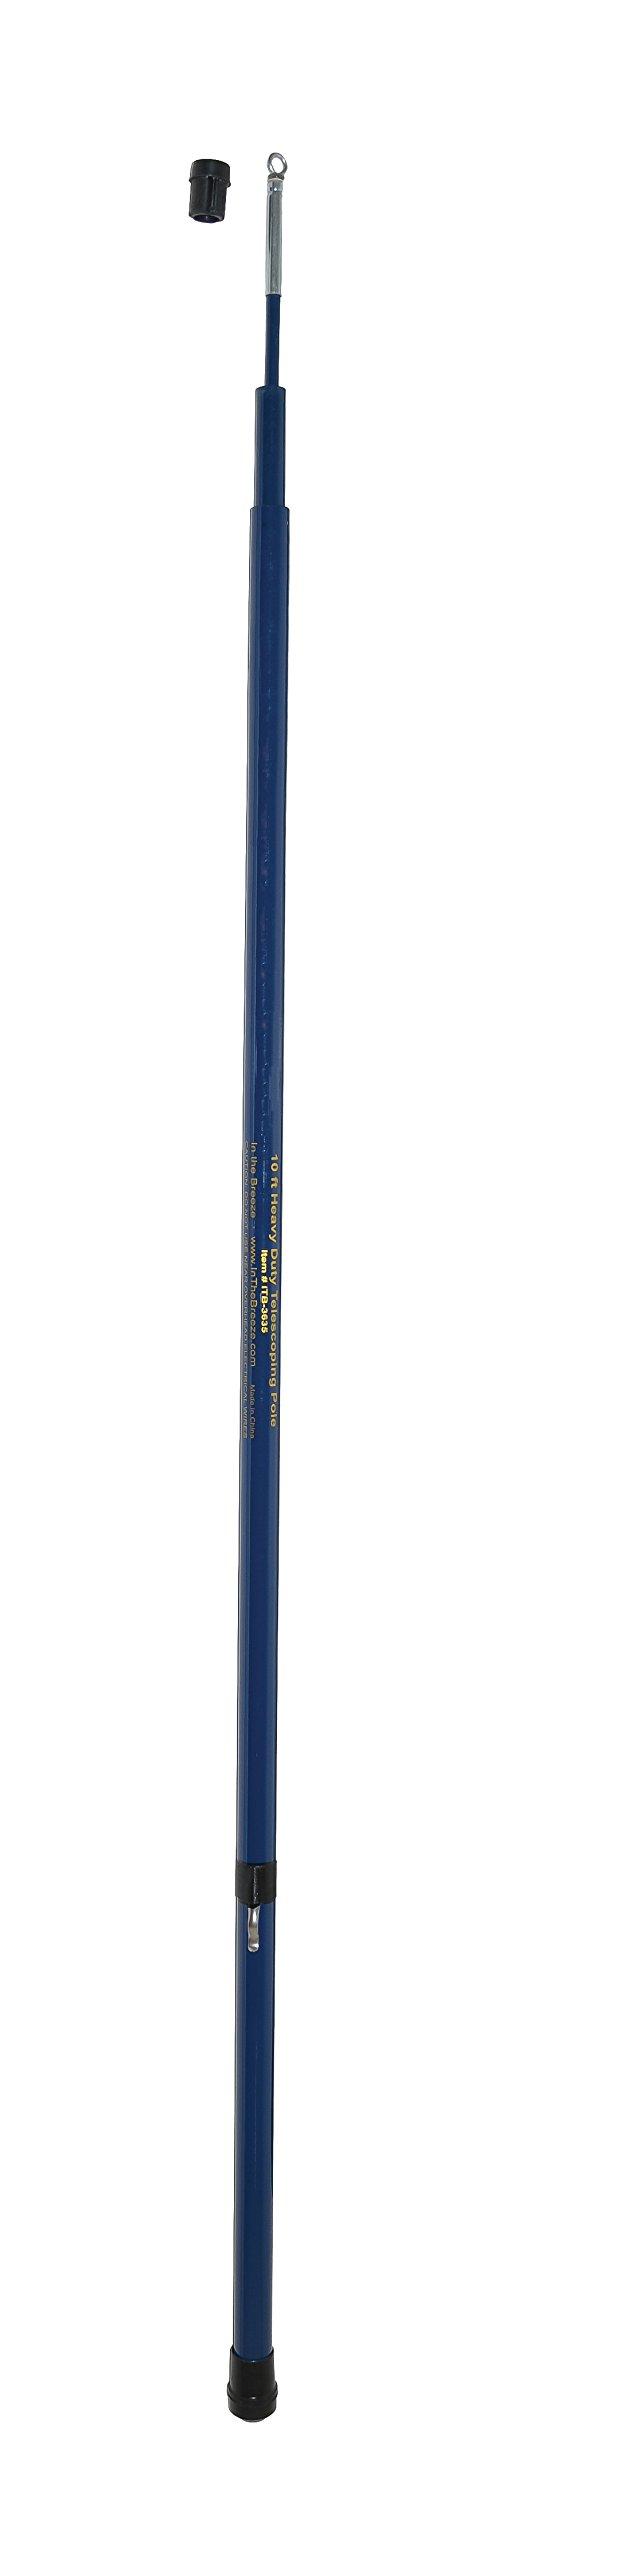 In the Breeze Heavy Duty Telescoping Pole - 10-Foot